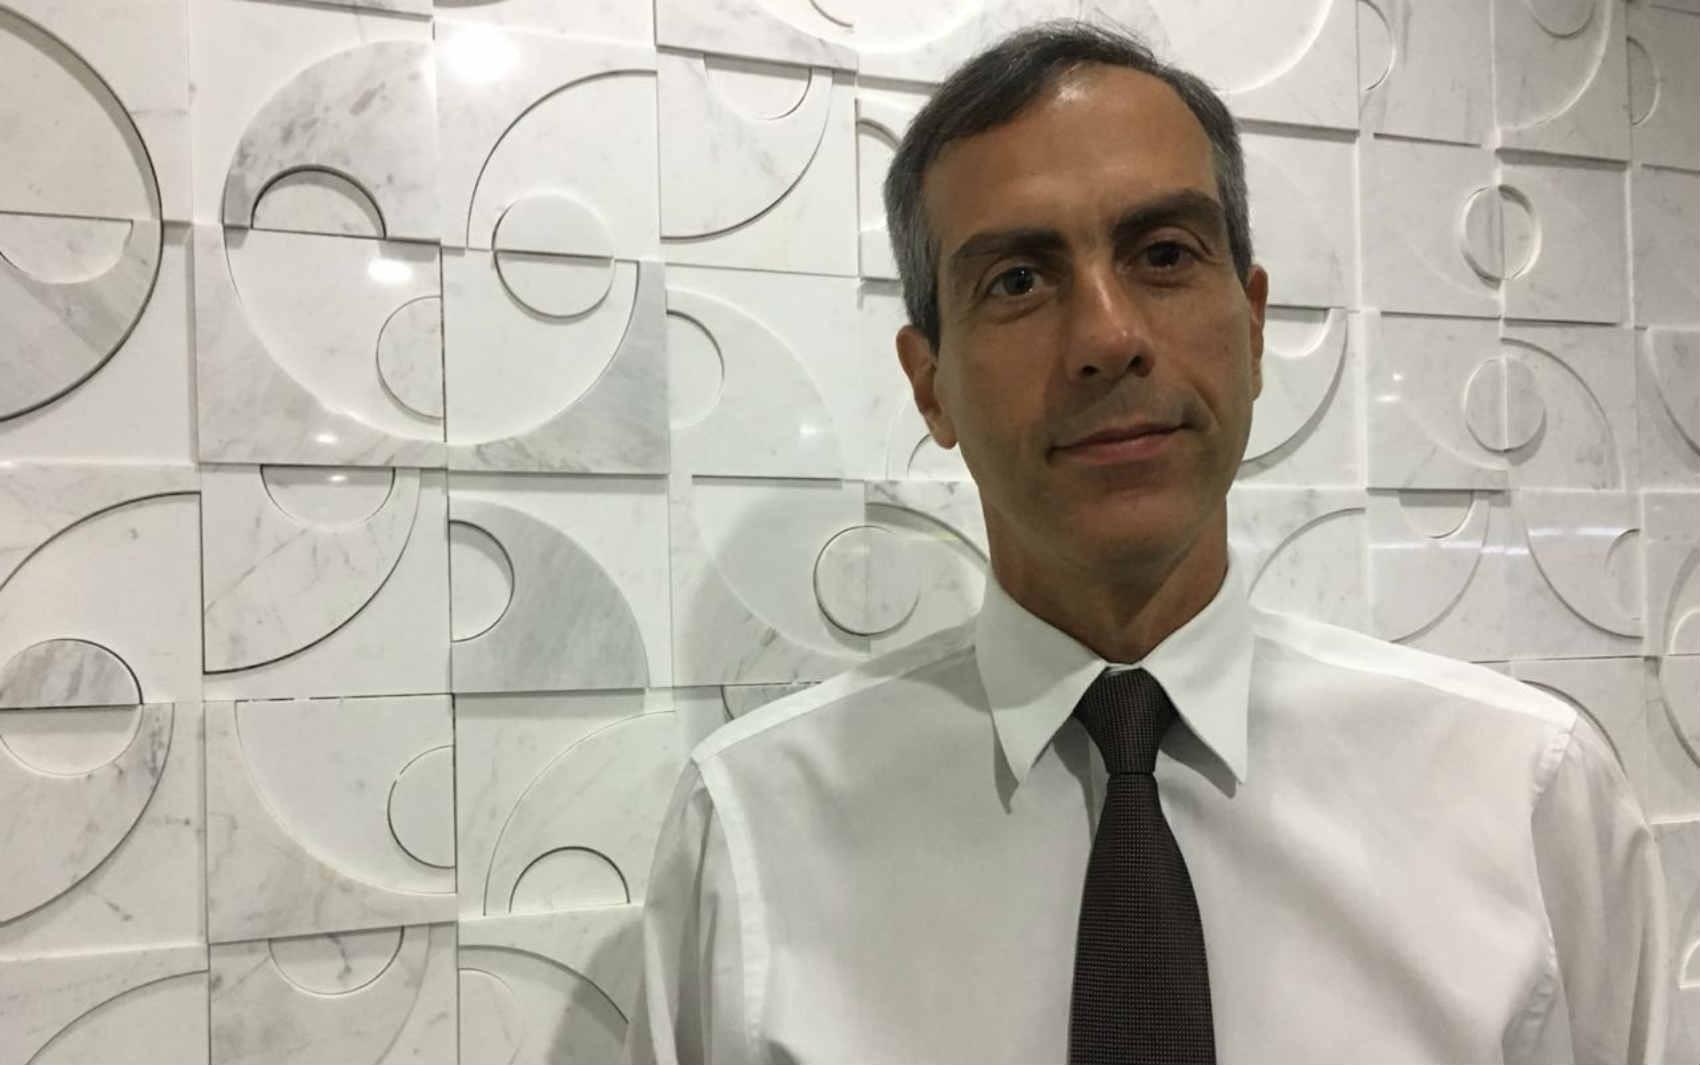 Fiscalização nas redes sociais será desafio para eleições, avalia TRE-DF; leia entrevista